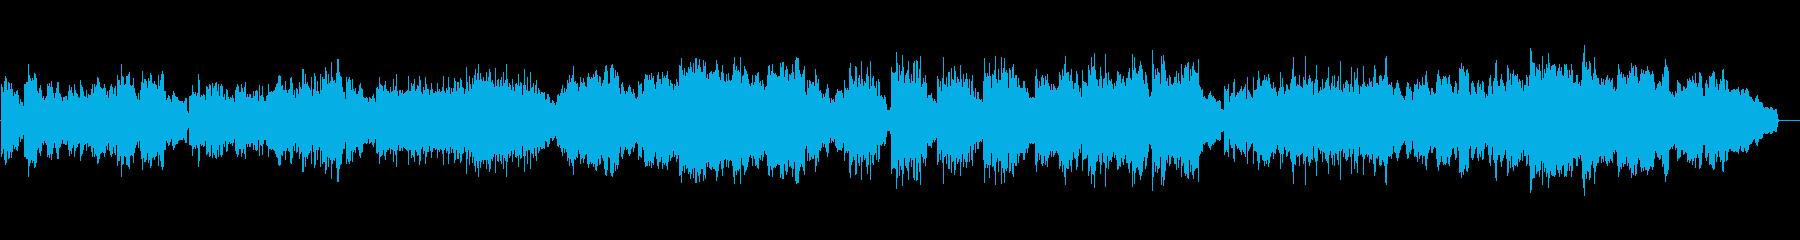 切なくも美しく優しいエレピのソロ演奏の再生済みの波形